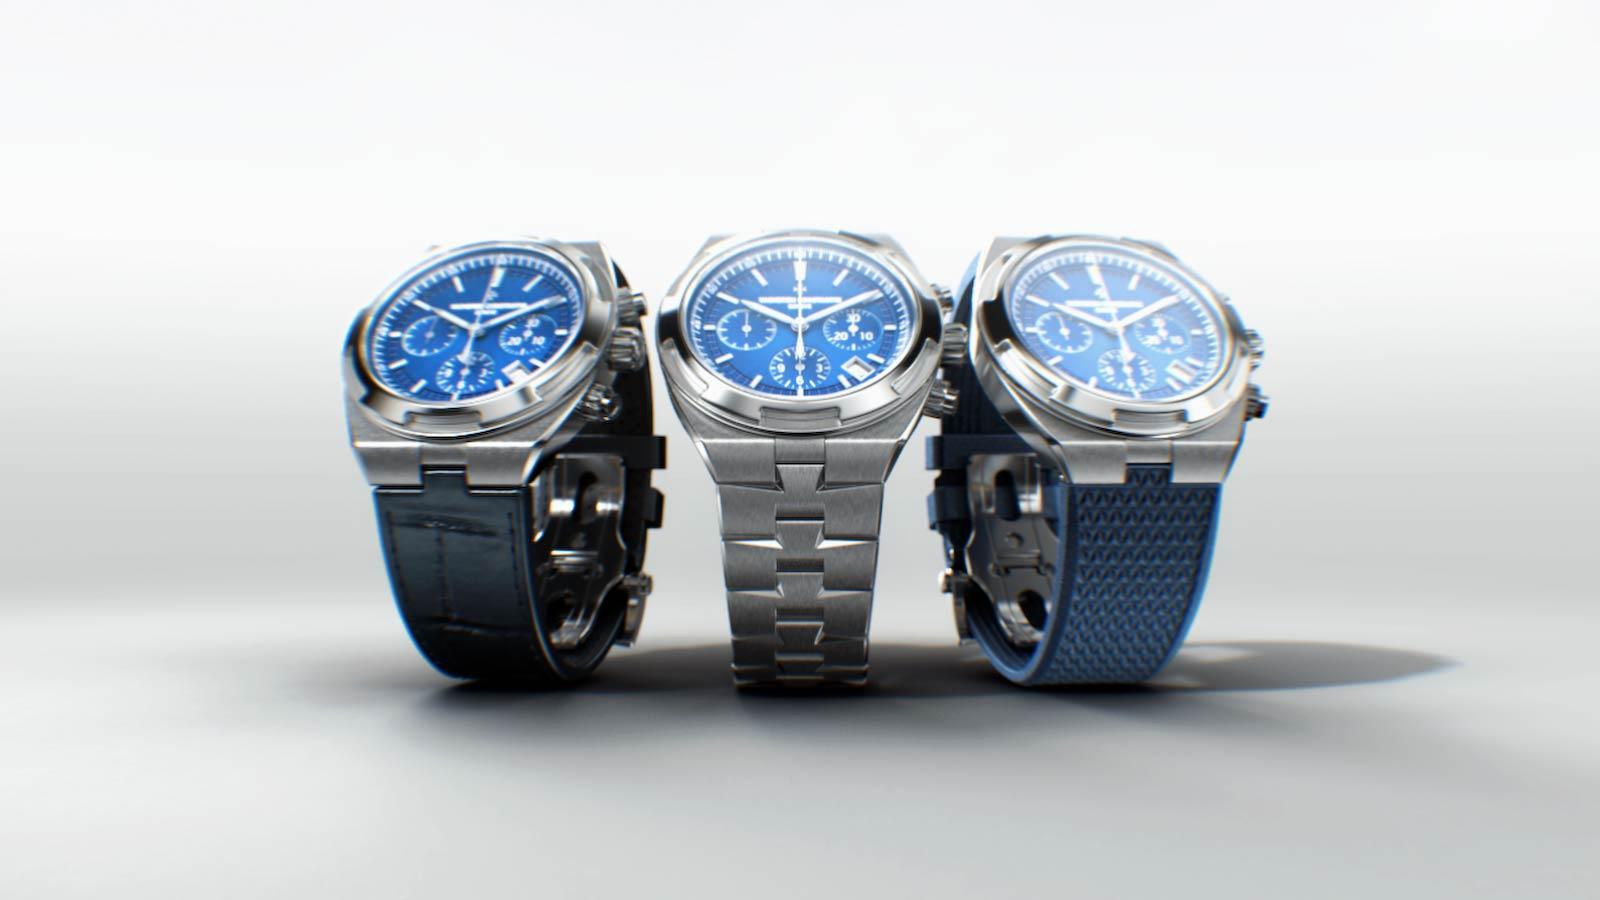 3D render of the Vacheron Overseas watches